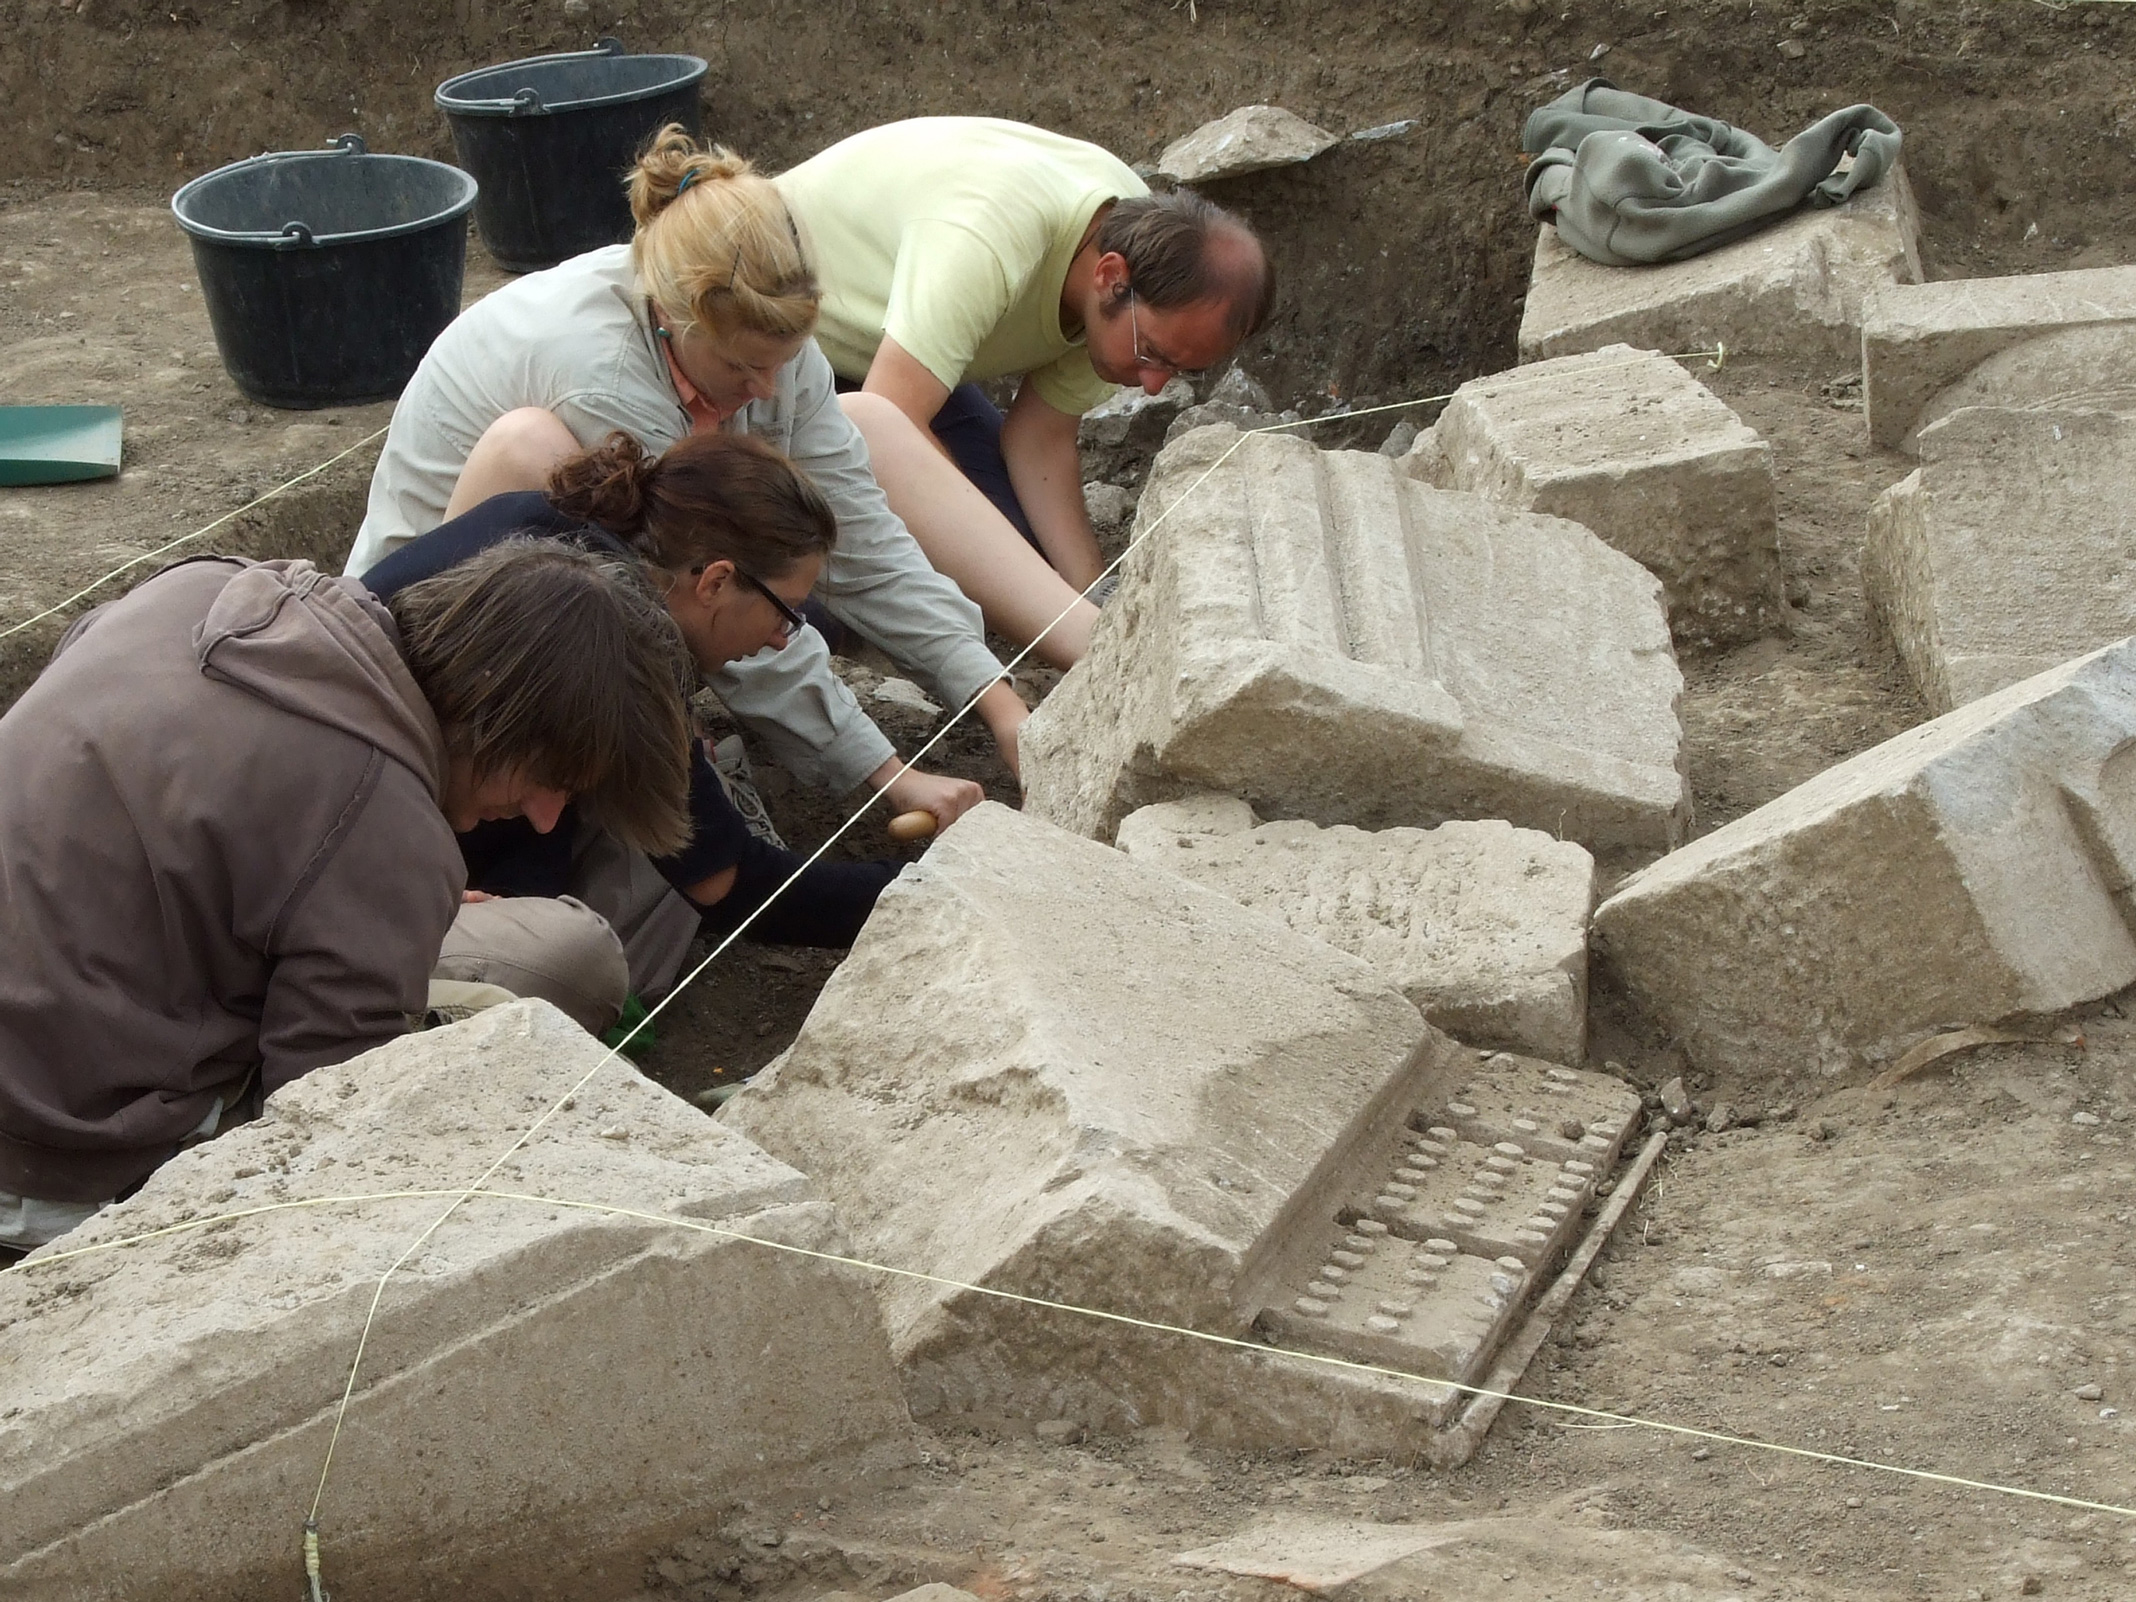 http://www.tfahr.org/images/2010FAlb013.jpg